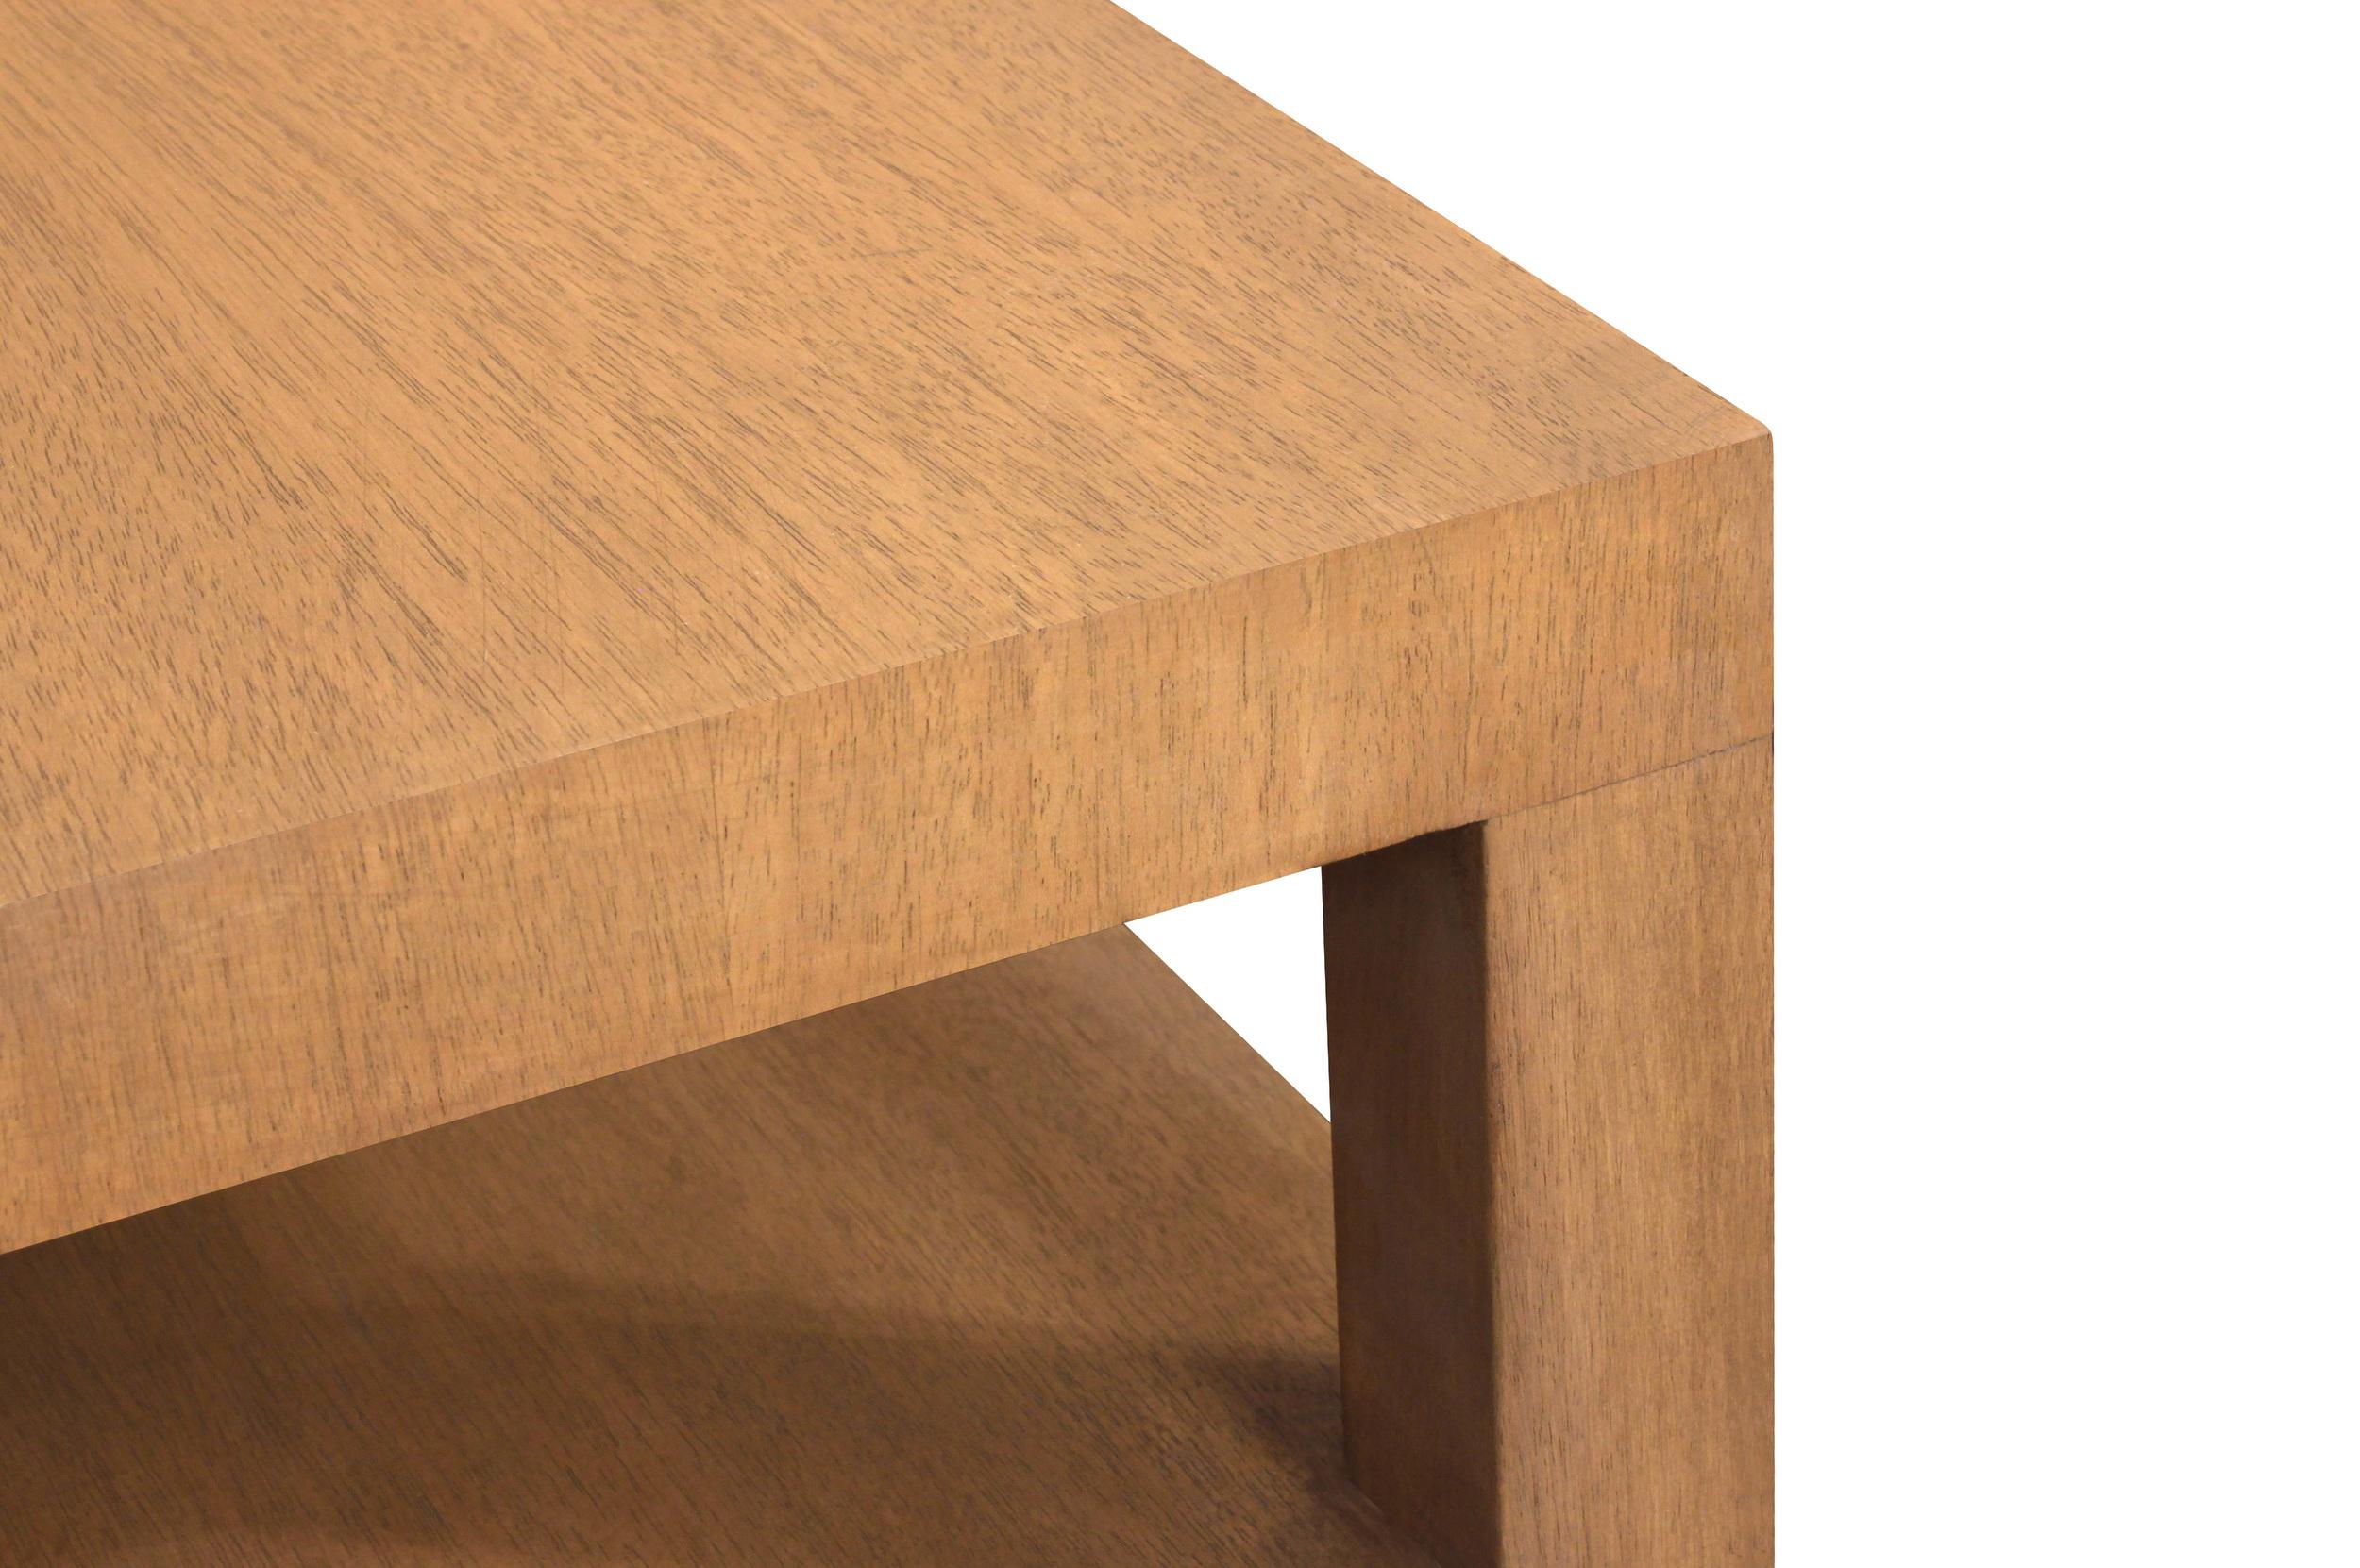 Gibbings 55 square blchd walnut coffeetable45 hires detail 3.jpg